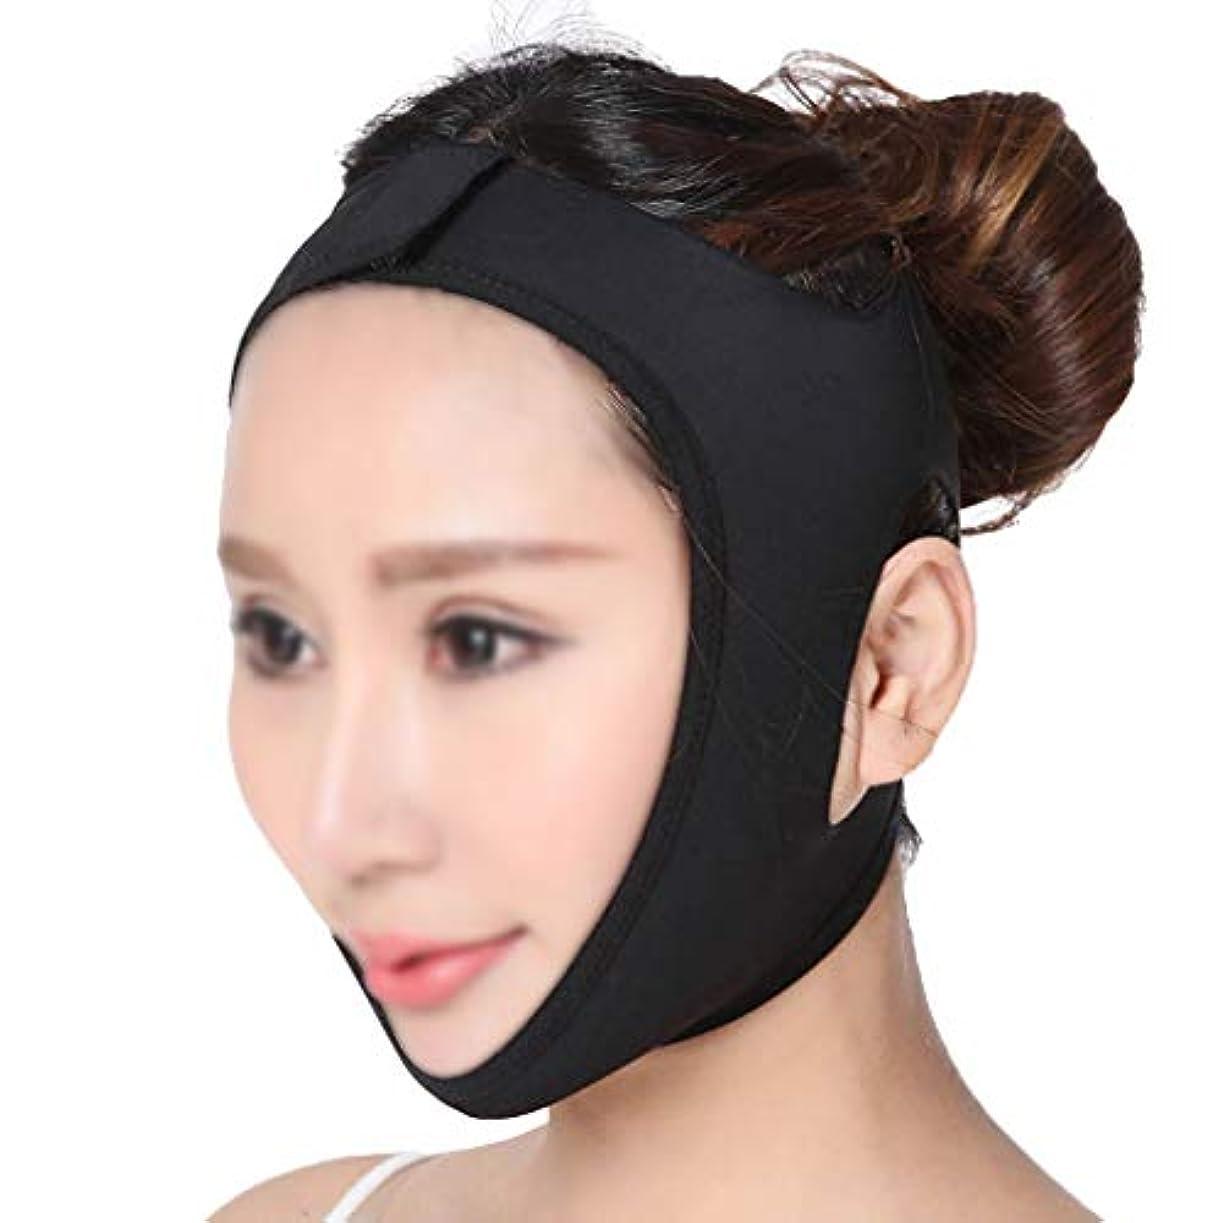 岸異形アセンブリ引き締めフェイスマスク、フェイスリフトマスクフェイシャルマッサージVフェイス包帯シンフェイスマスクフェイシャルリフティング引き締めフェイス楽器スモールフェイス付きフェイスブラックフェイスマスク (Size : M)